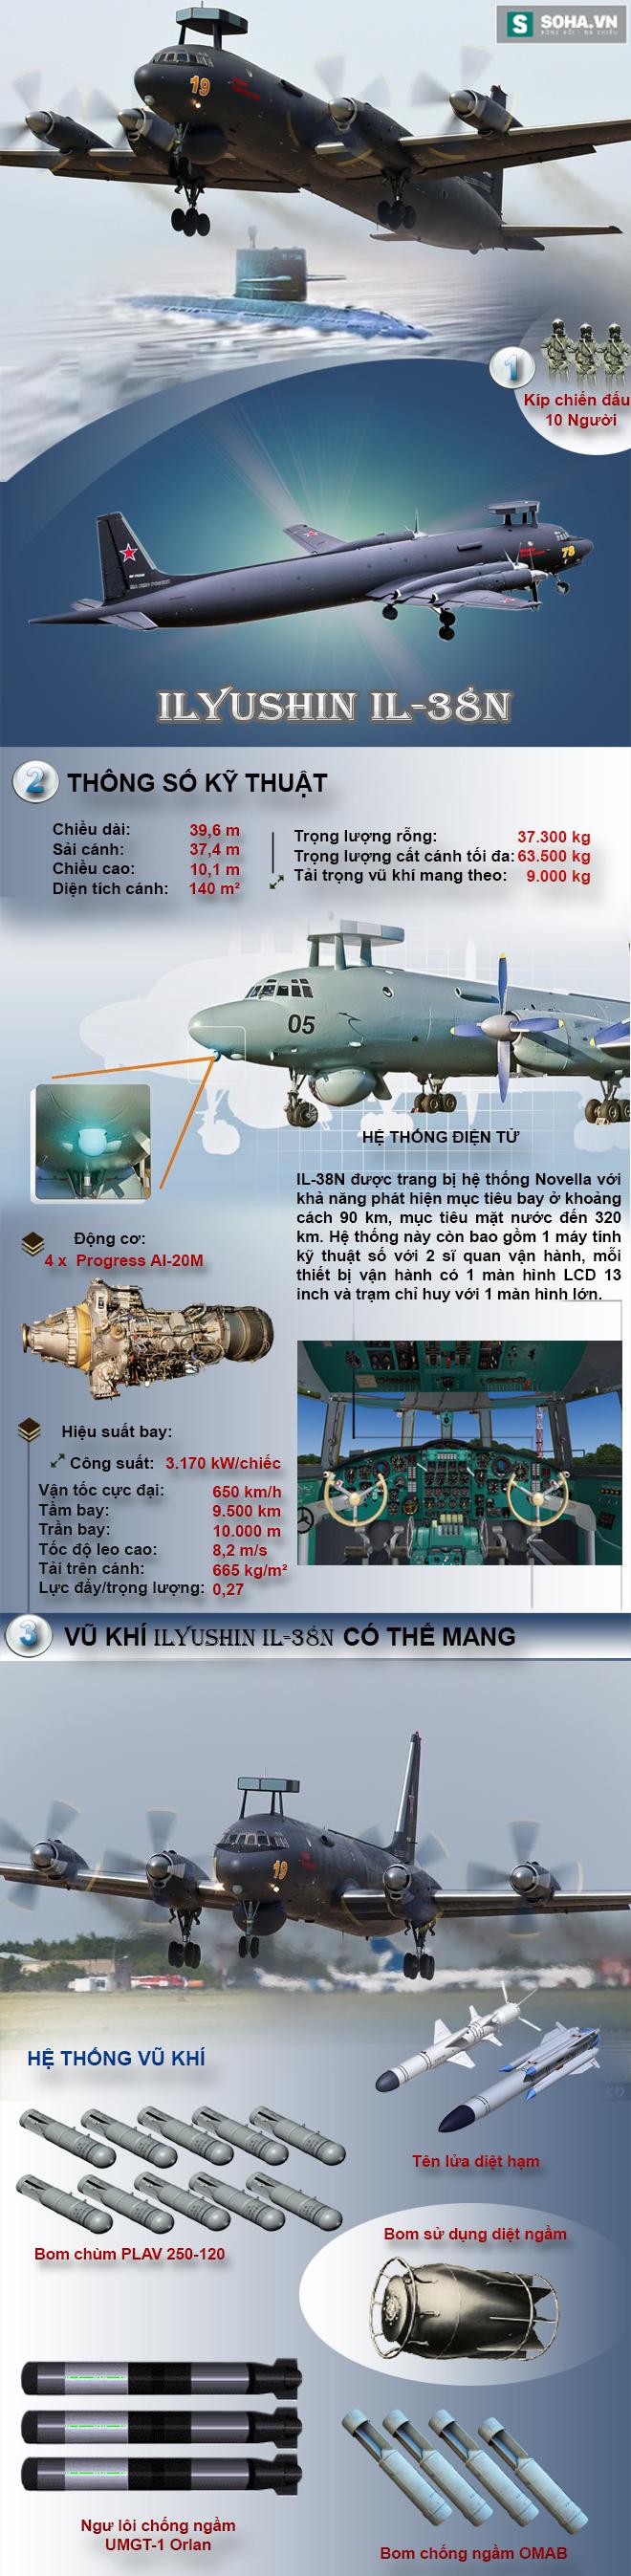 Máy bay tuần tra săn ngầm Il-38N - Đối thủ lớn của P-3C Orion - Ảnh 2.